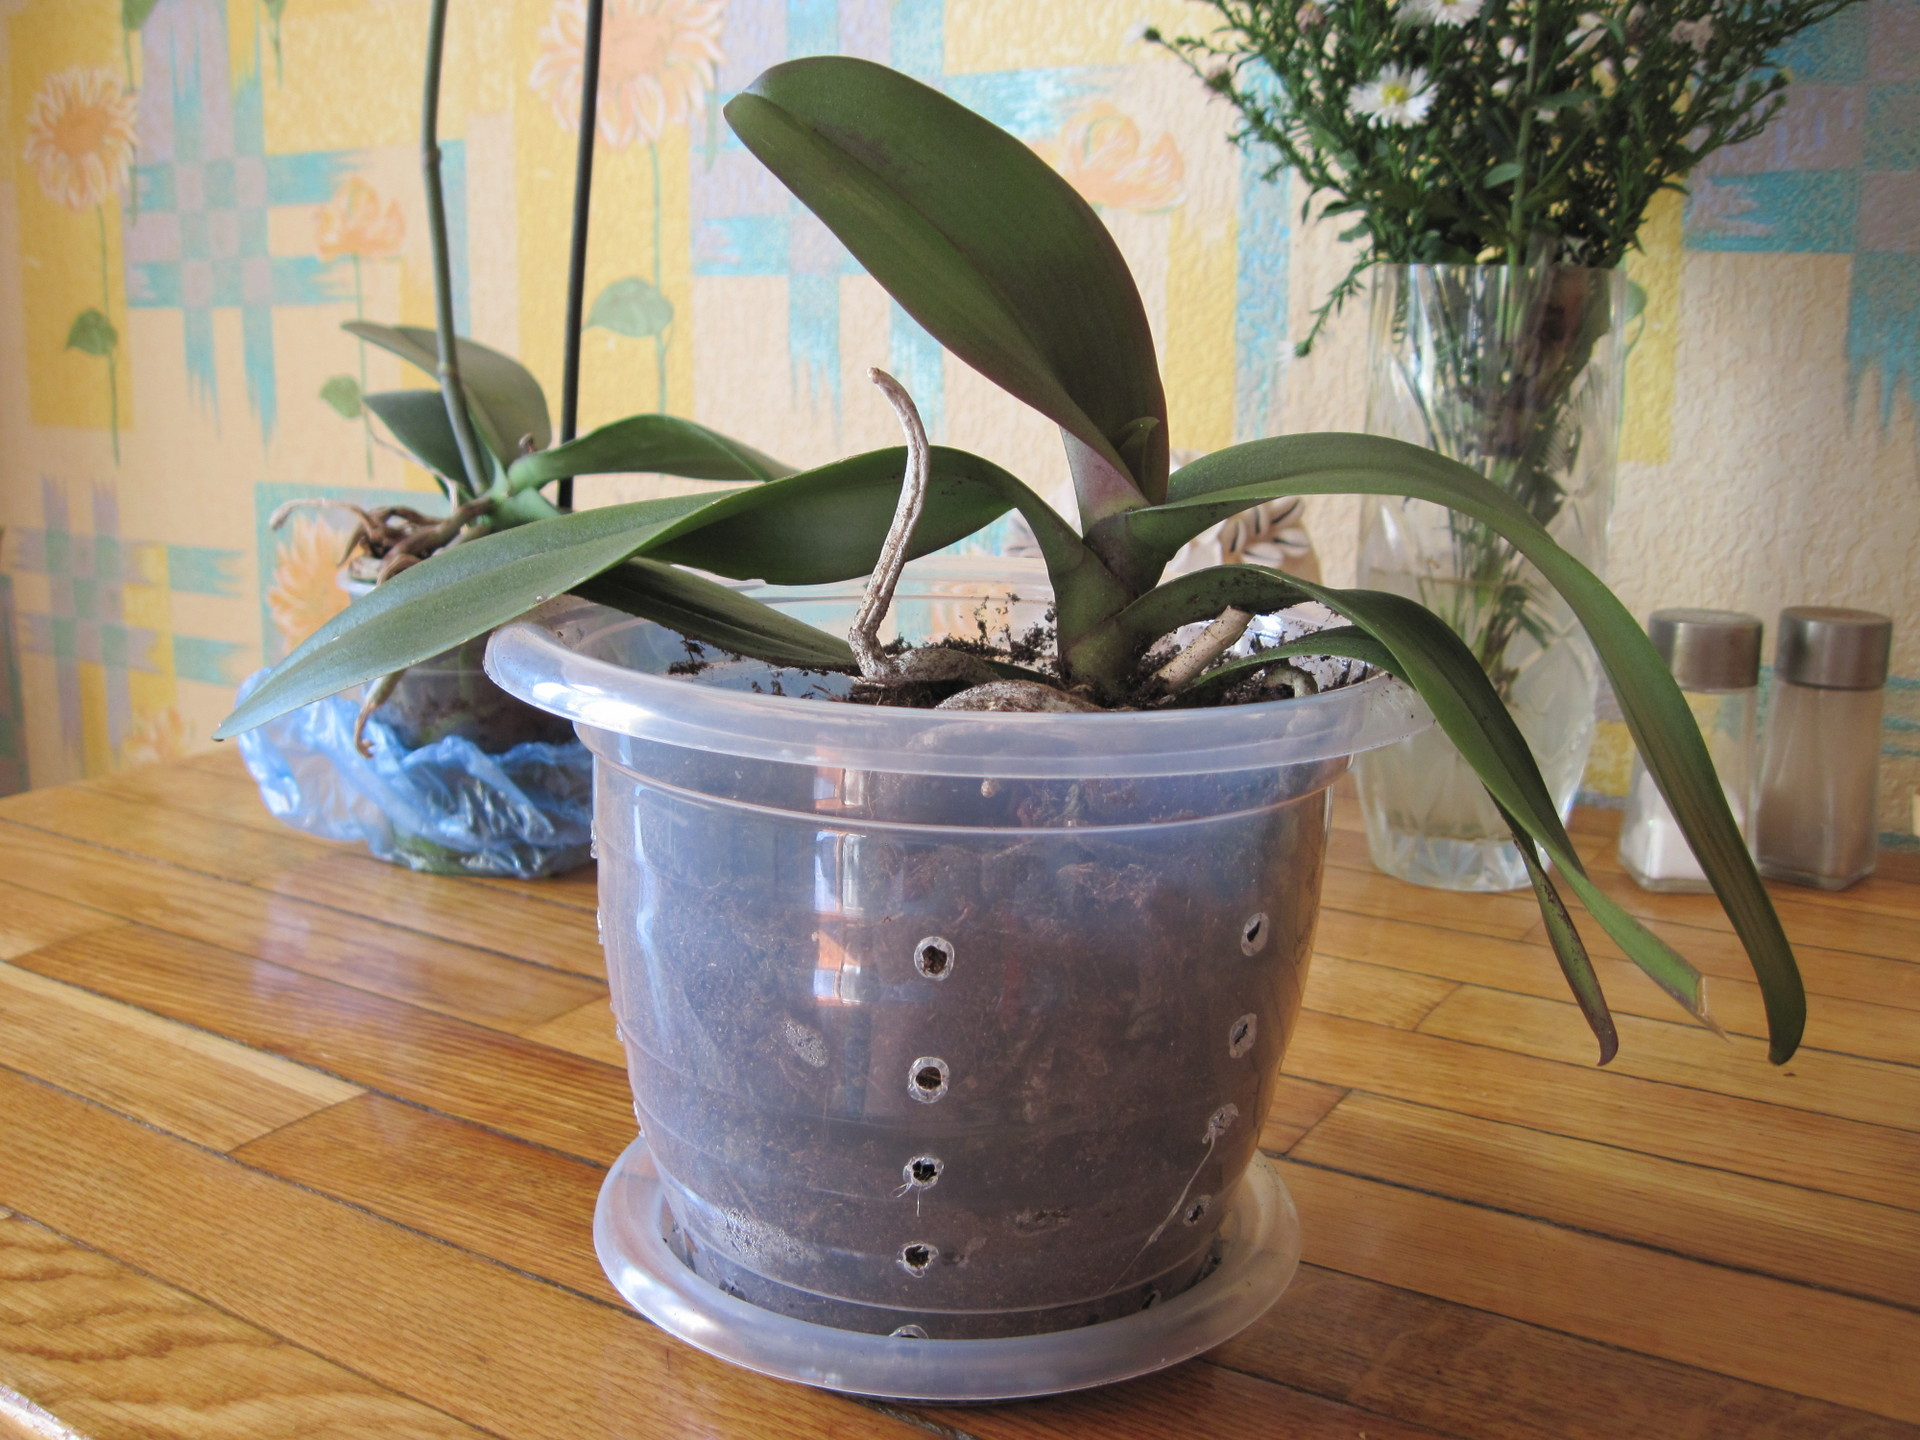 организациях какие горшки нужны для орхидей фото полный